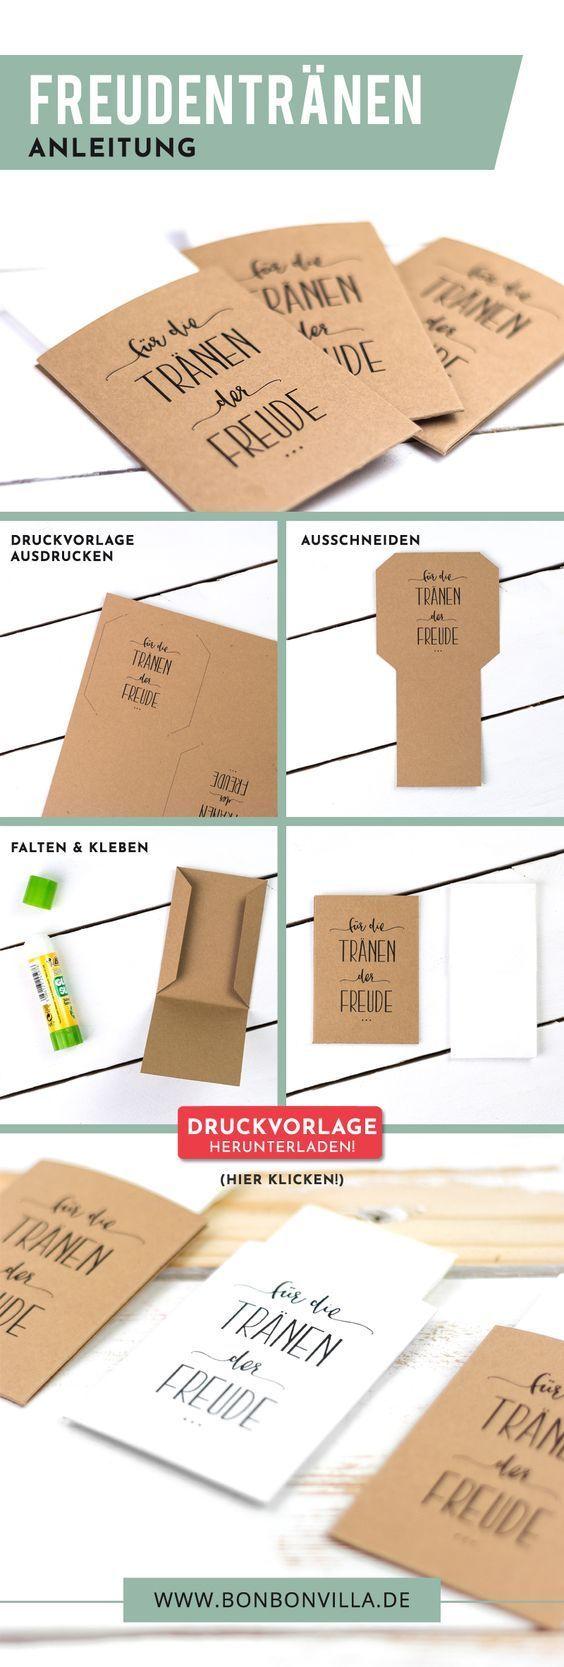 Ebook Taschentücher für die Freudentränen - Bonbon Villa